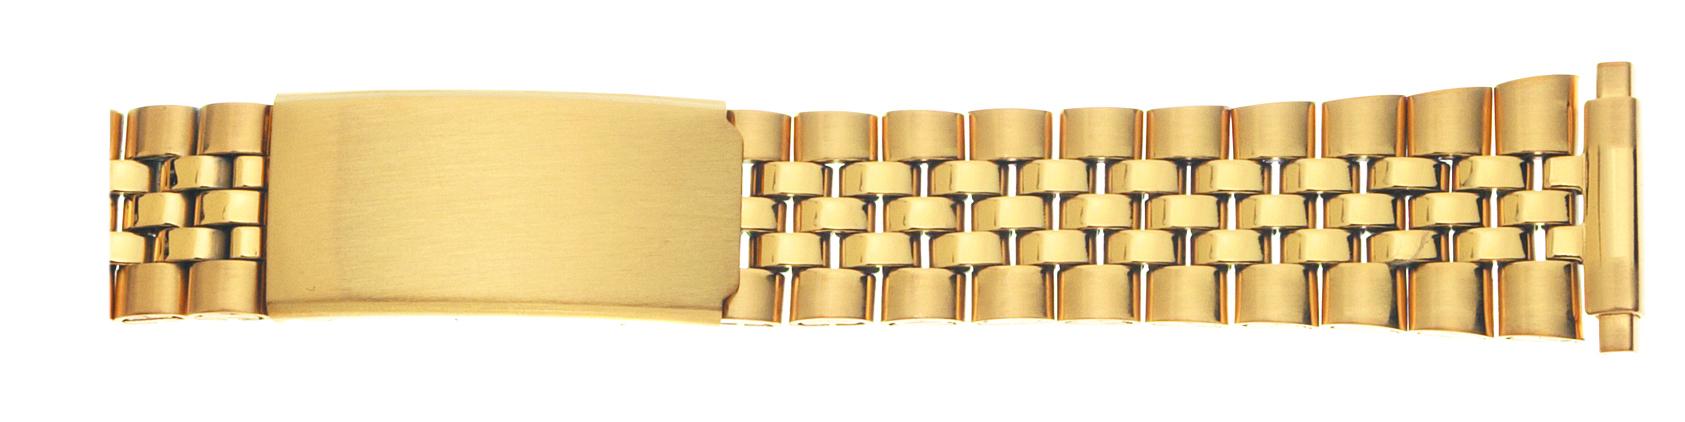 K1Y Watchbands 2 Go Mens Metal Dress Bracelet 16-21MM Yellow